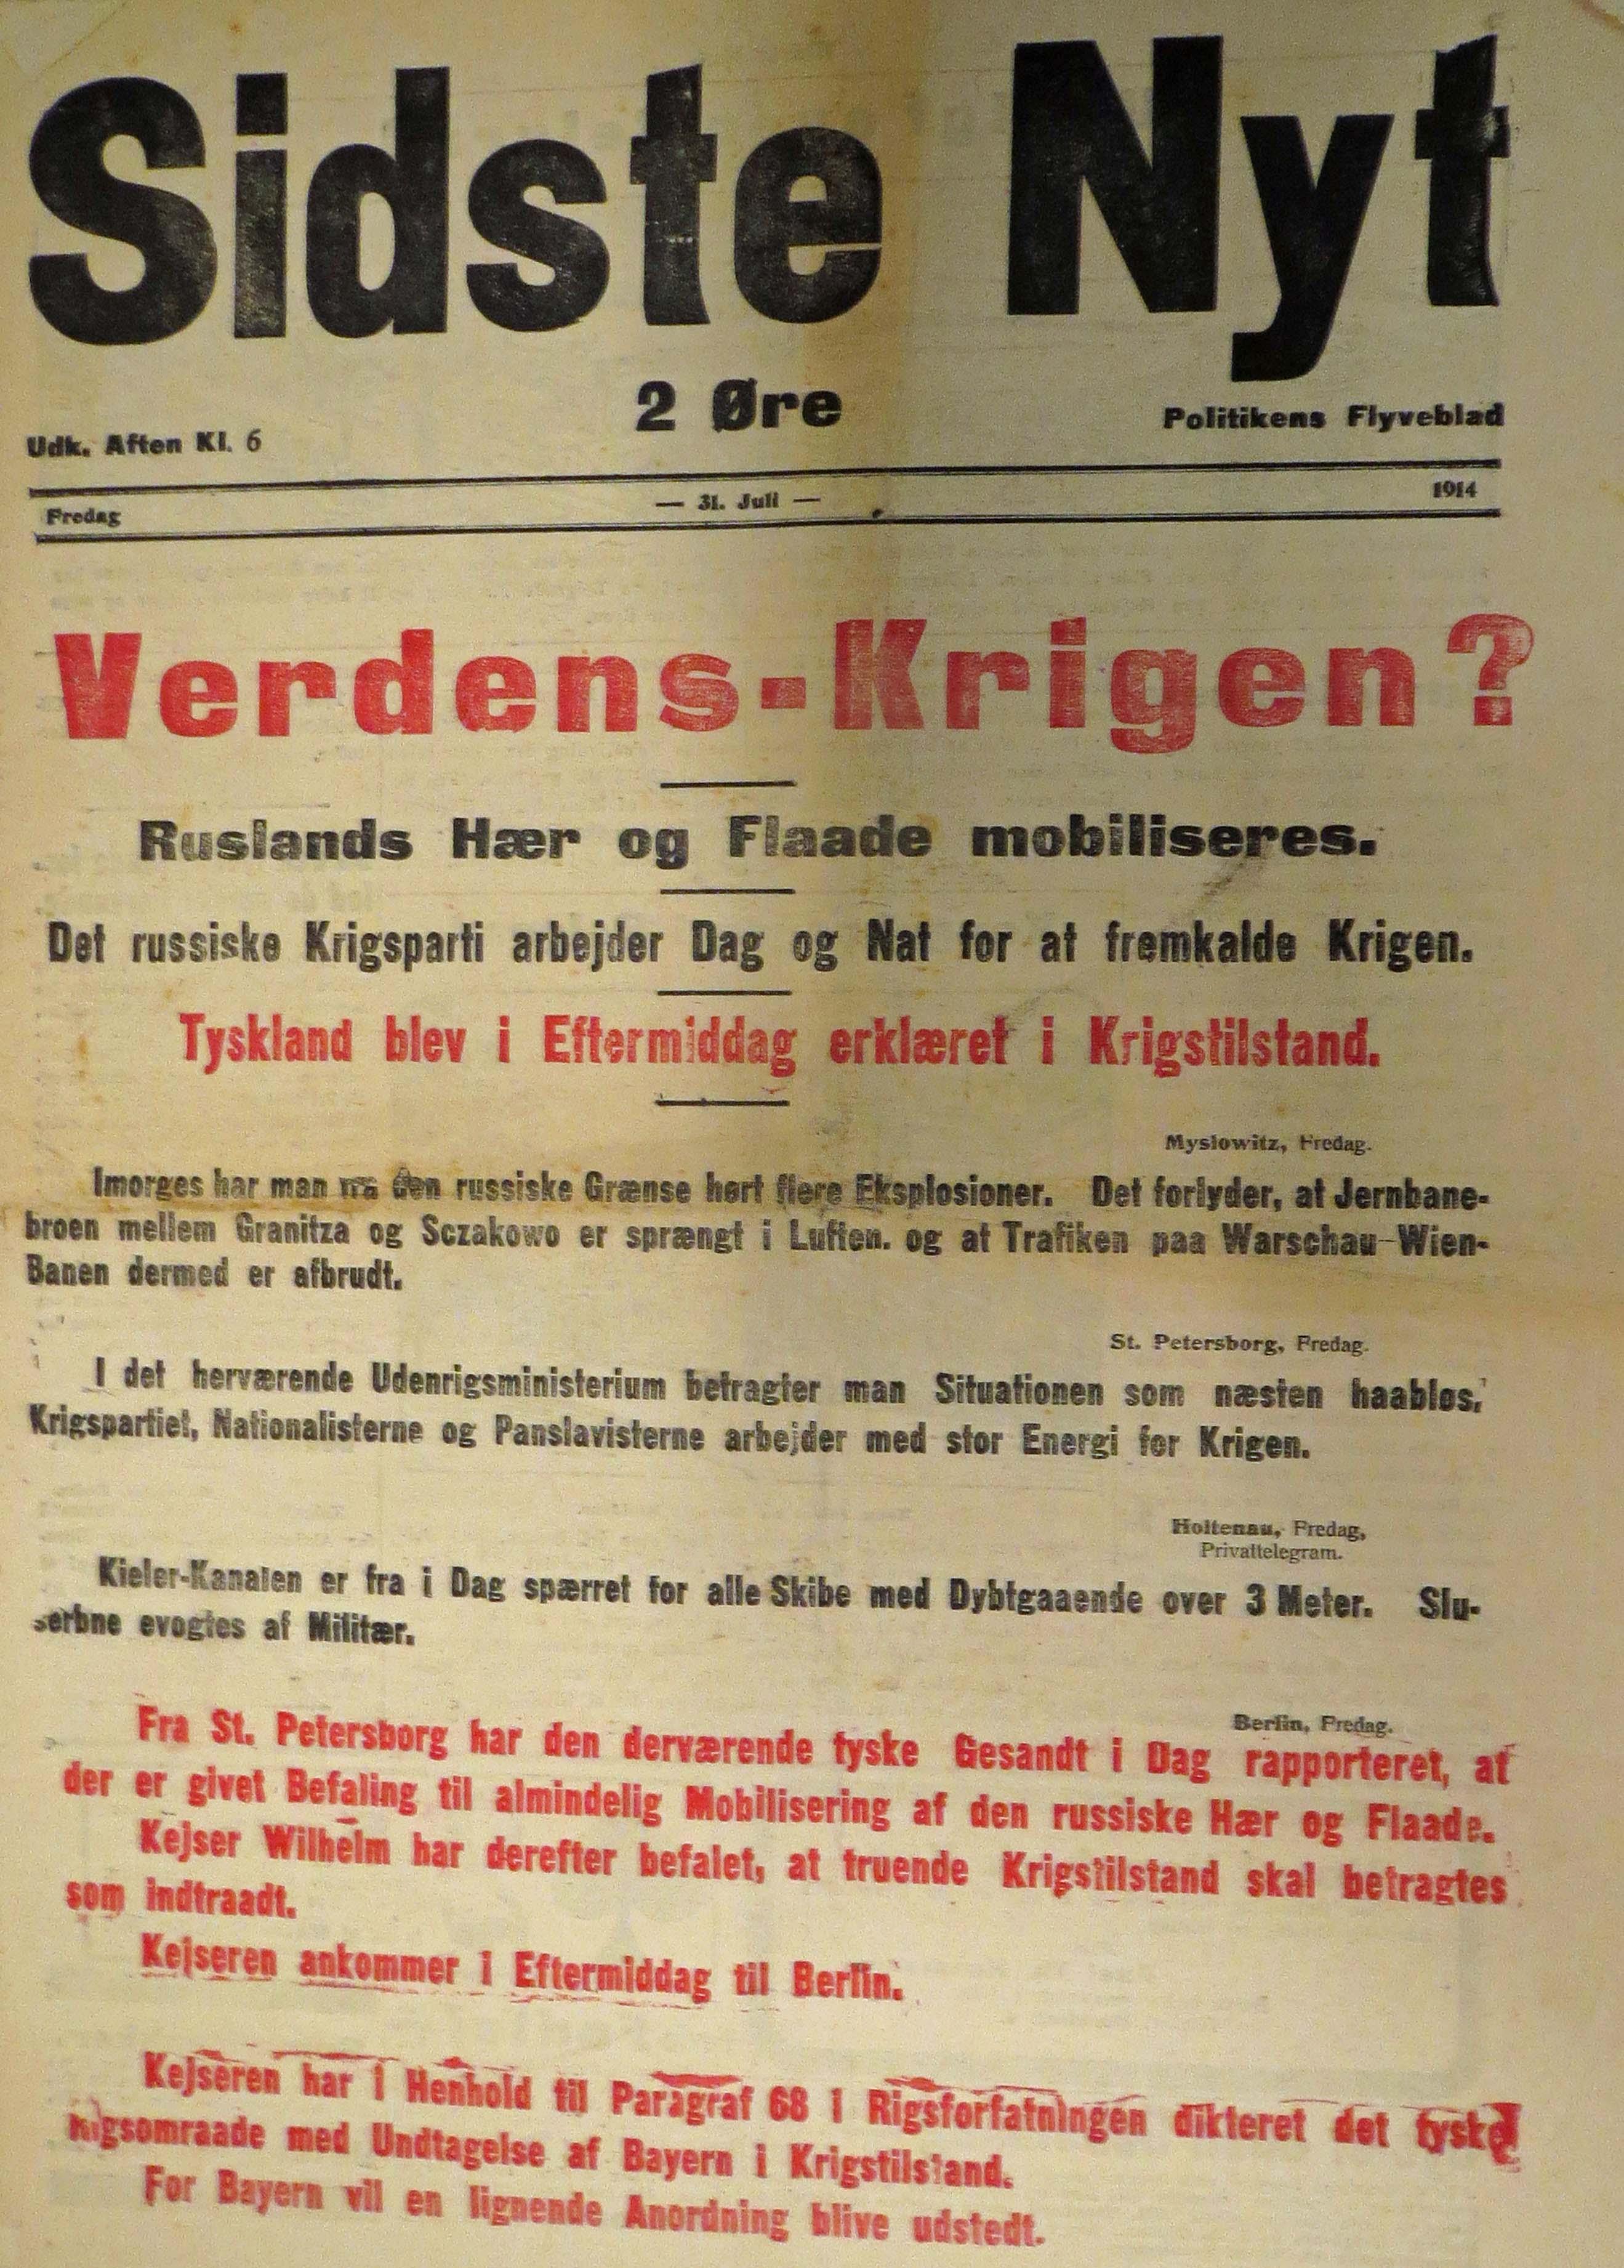 31. juli 1914.Verdenskrigen?